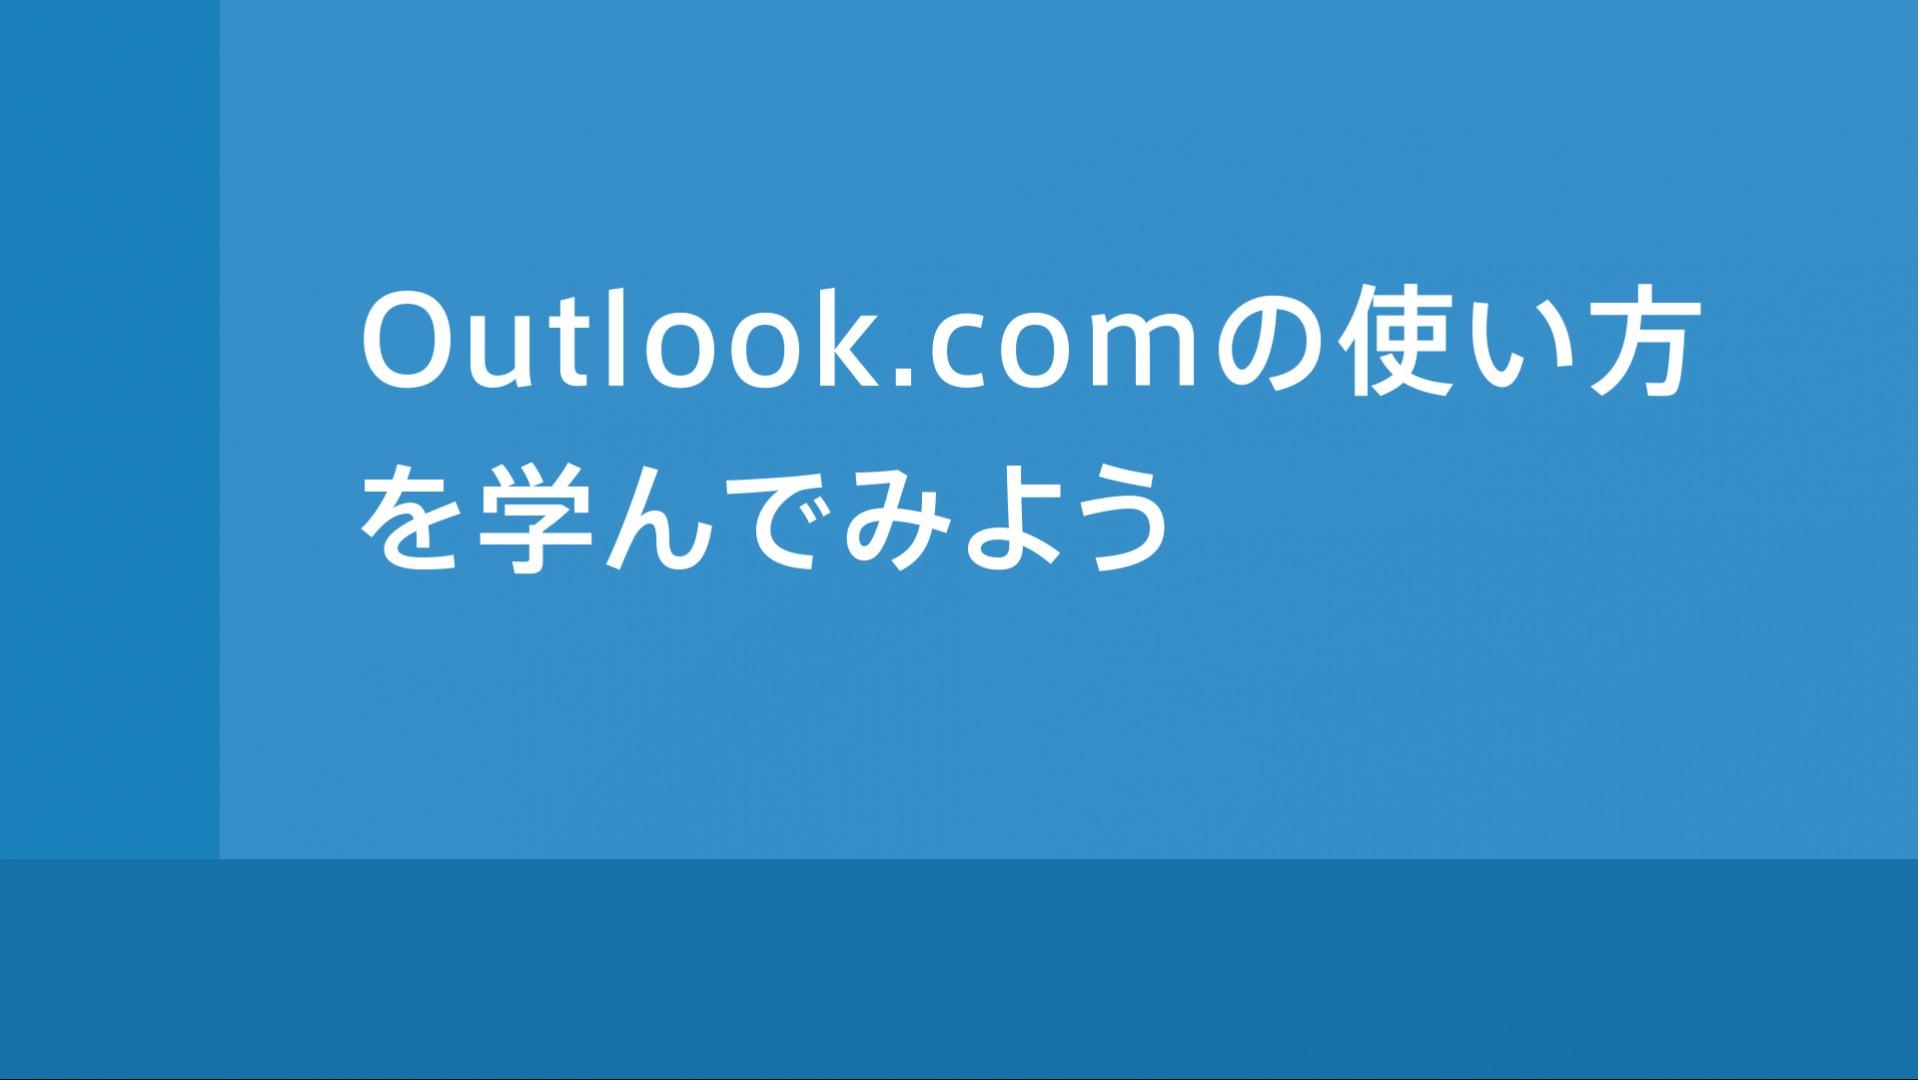 Outlook.com 使い方 フォルダーの作成と削除